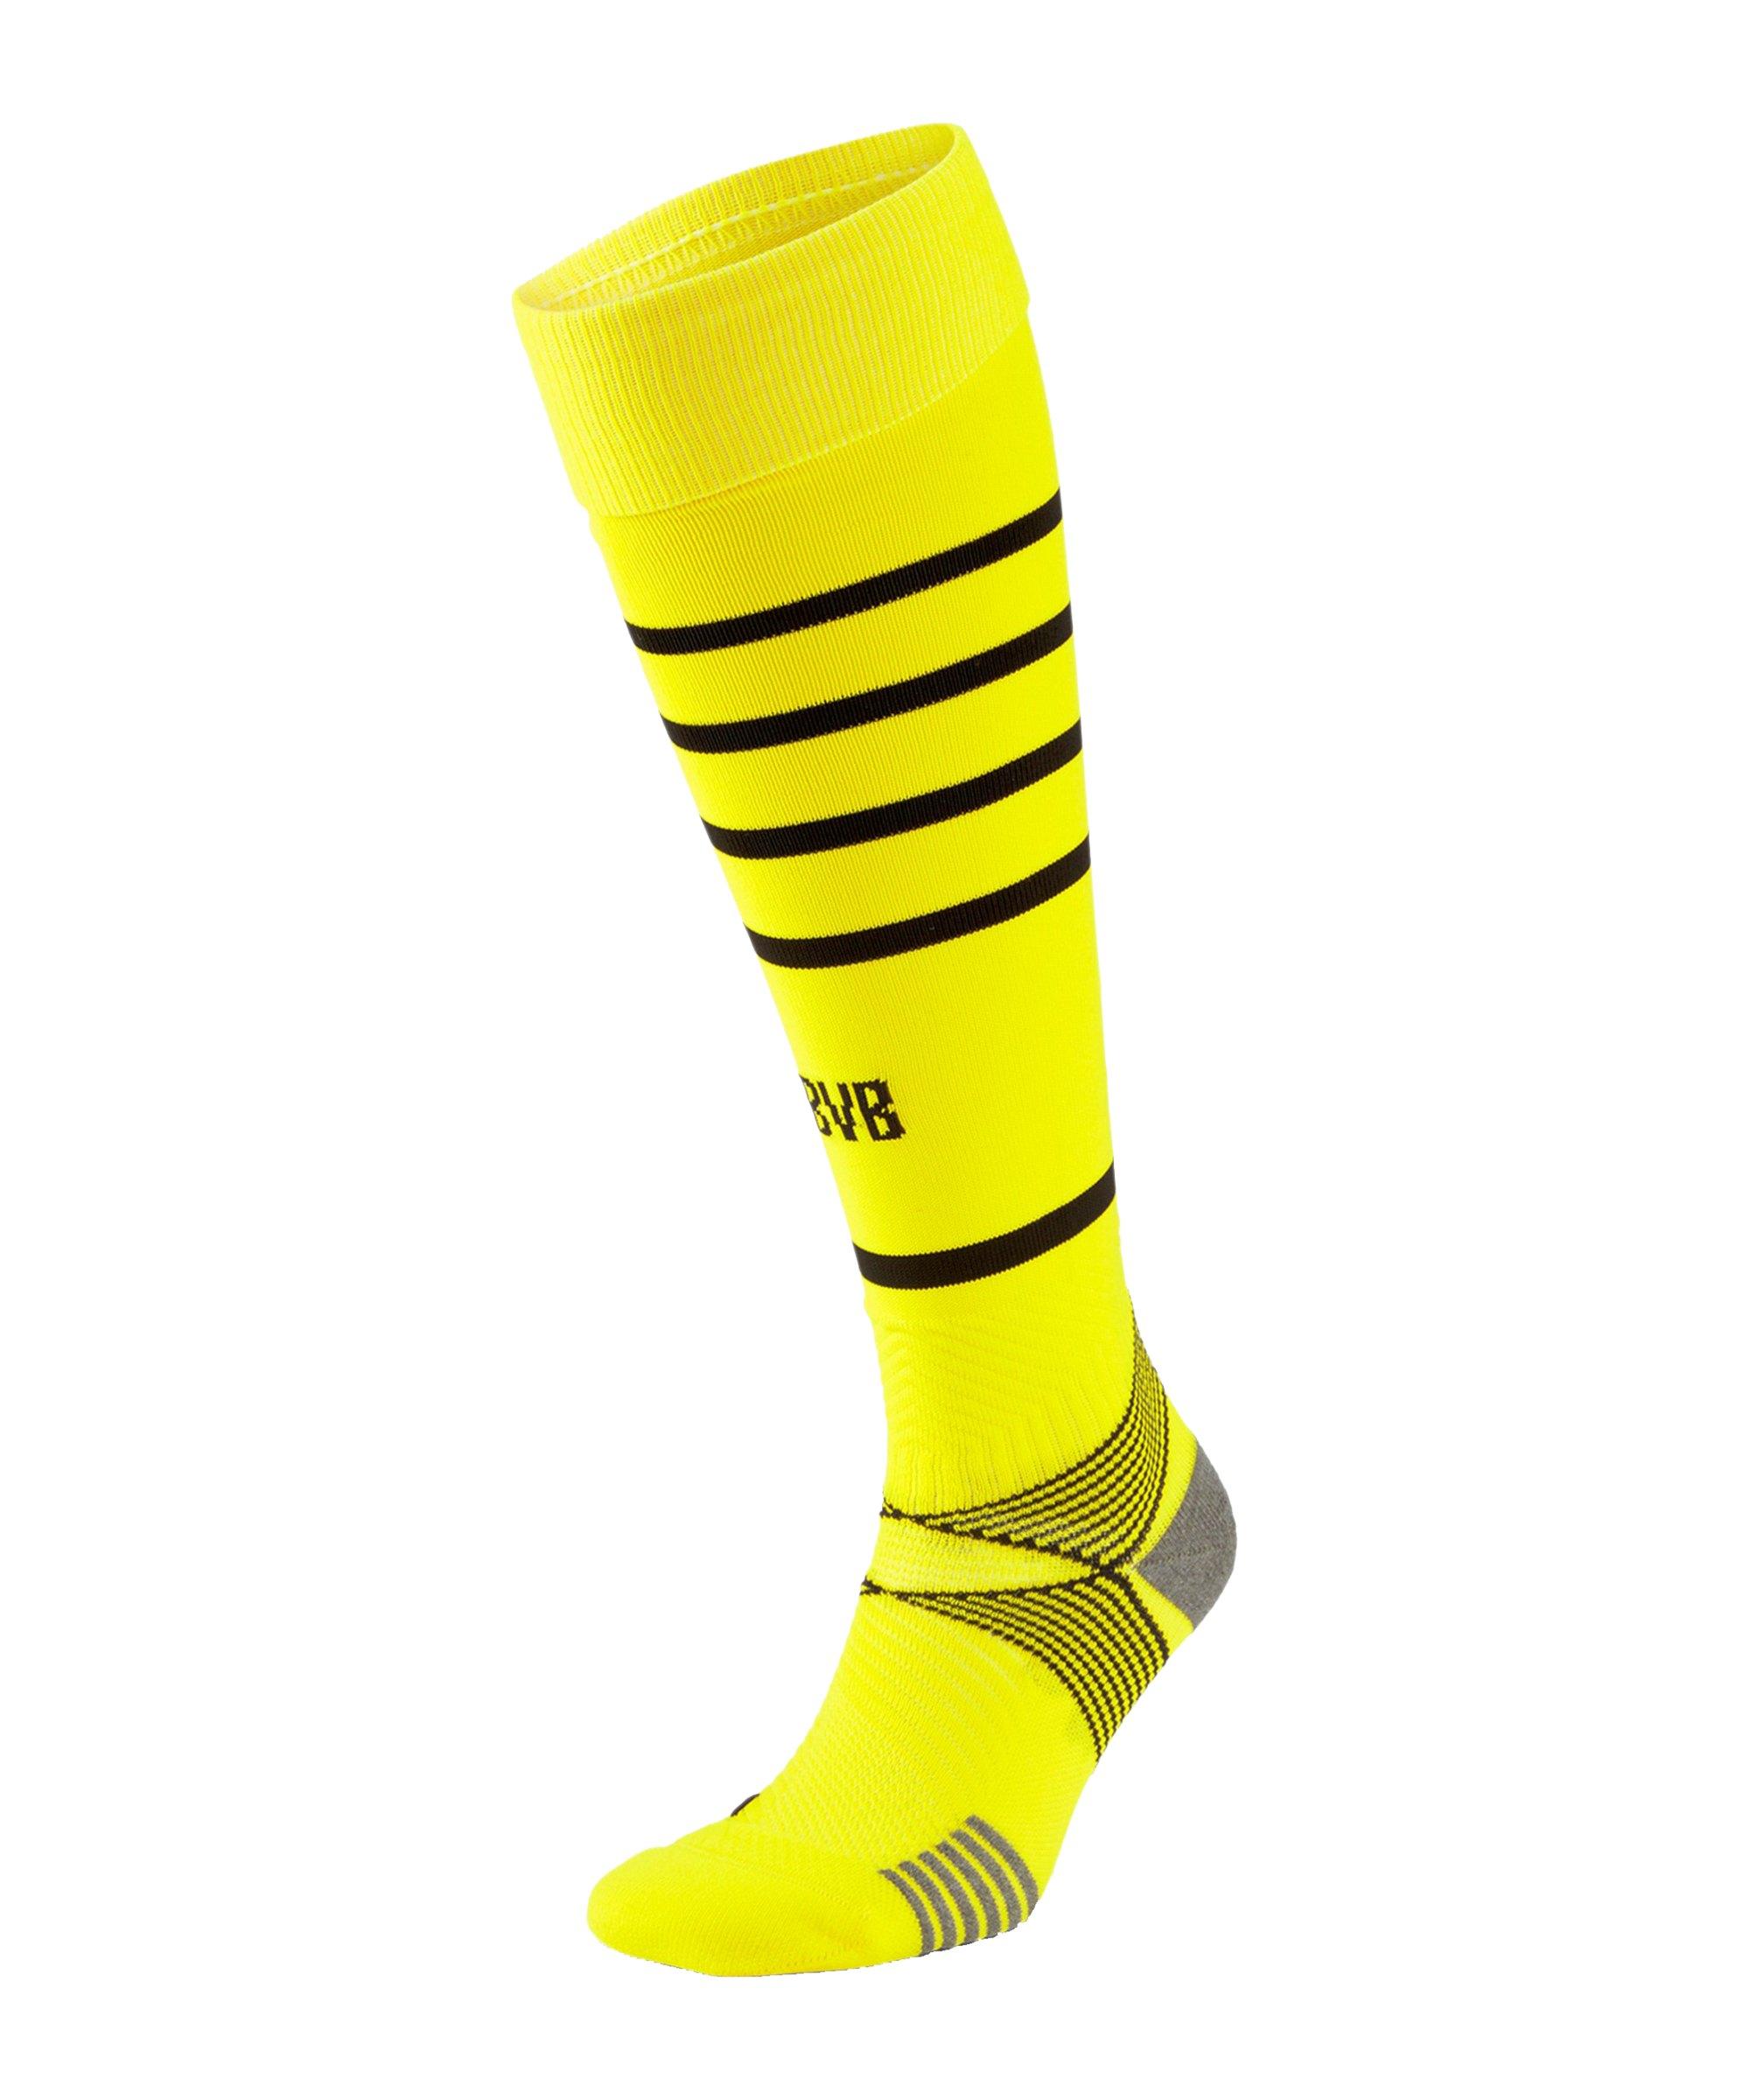 PUMA BVB Dortmund Stutzen Home 2021/2022 Gelb Schwarz F01 - gelb